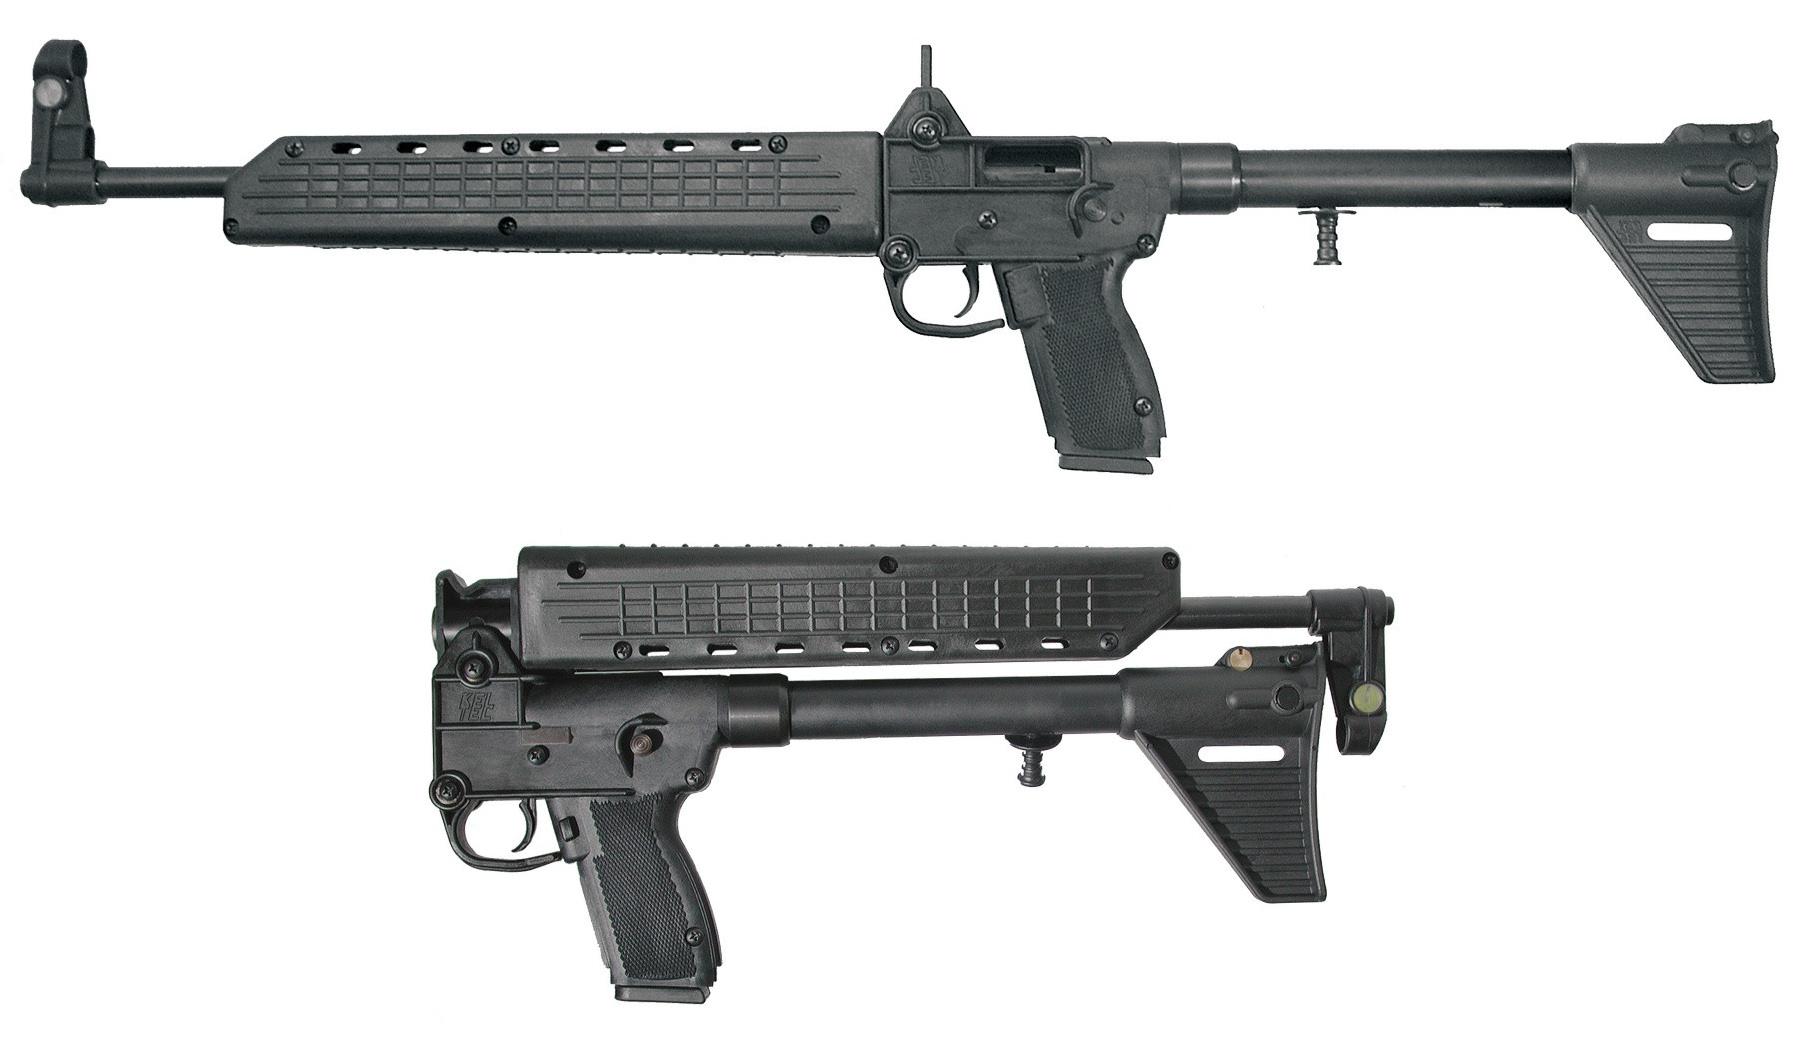 Carabine semi-automatique Kel-Tec SUB-2000 en calibre 9 mm Parabellum